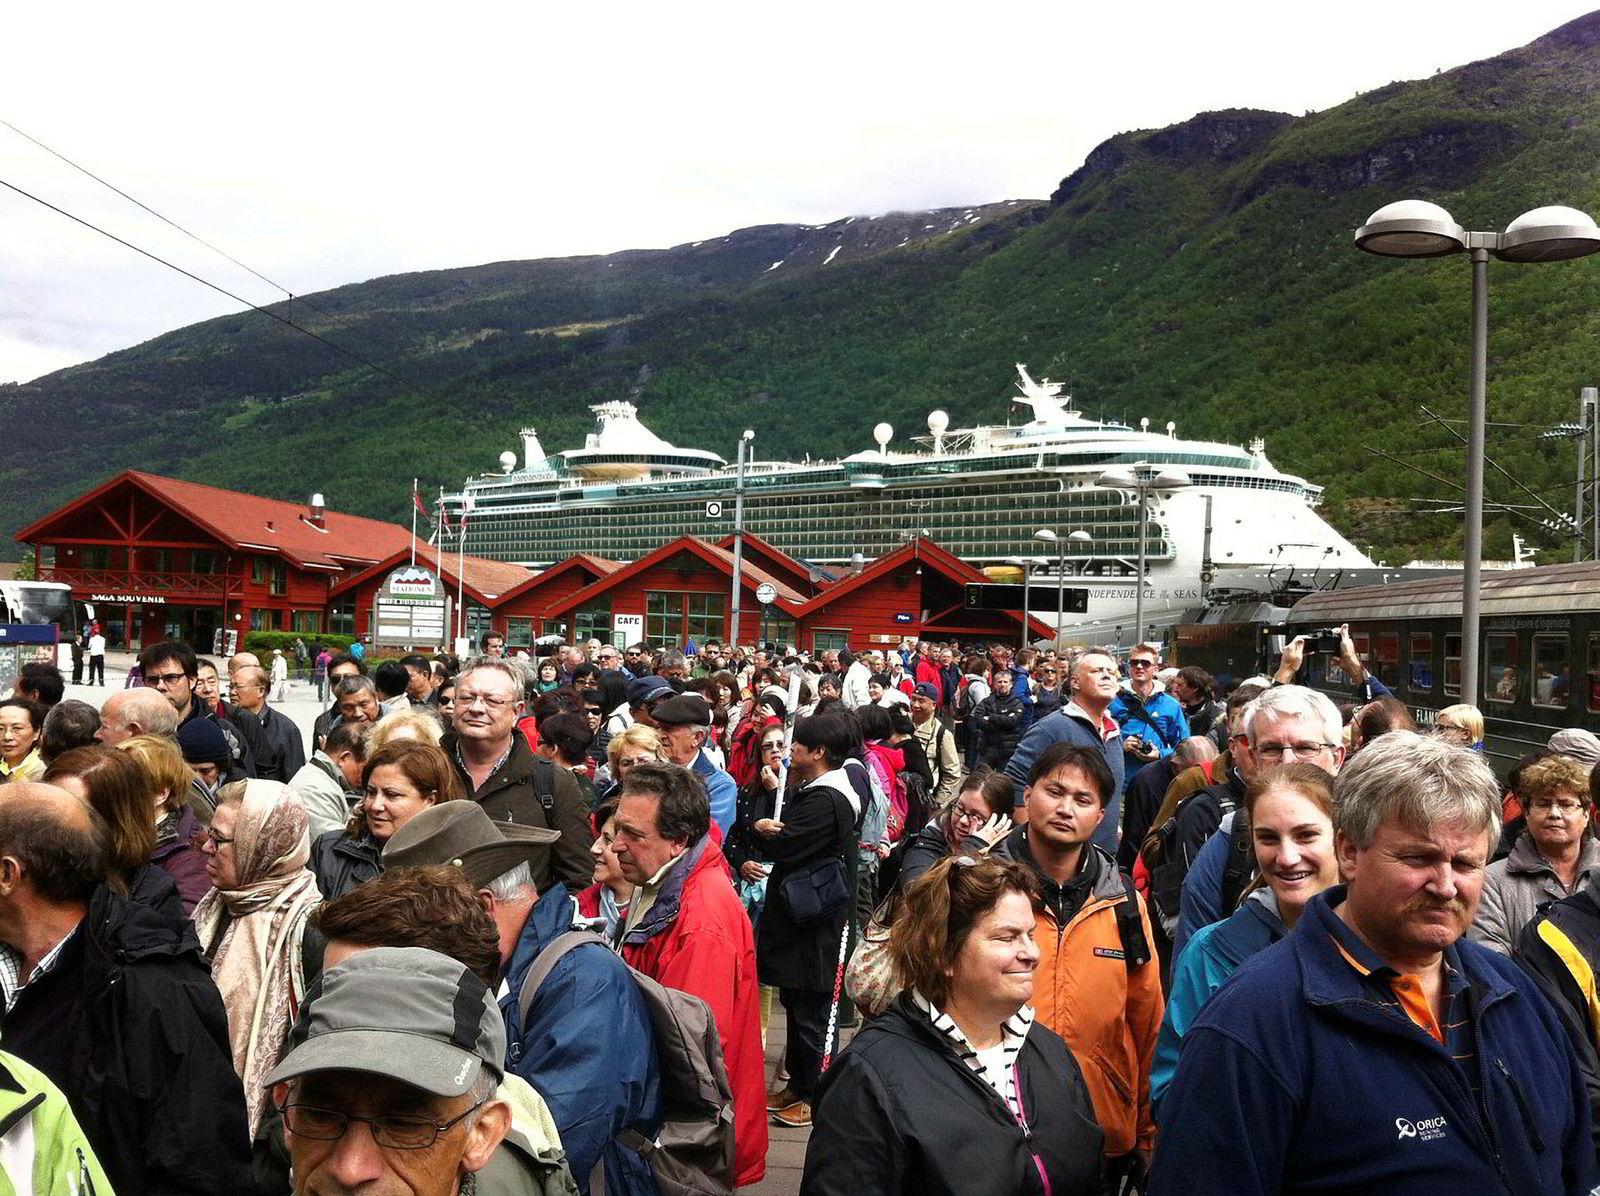 En helt vanlig julidag i Flåm, bygda i Aurland kommune i Sogn og Fjordane fylke med snaut 400 fastboende og en kvart million cruiseturister i løpet av noen korte sommeruker.